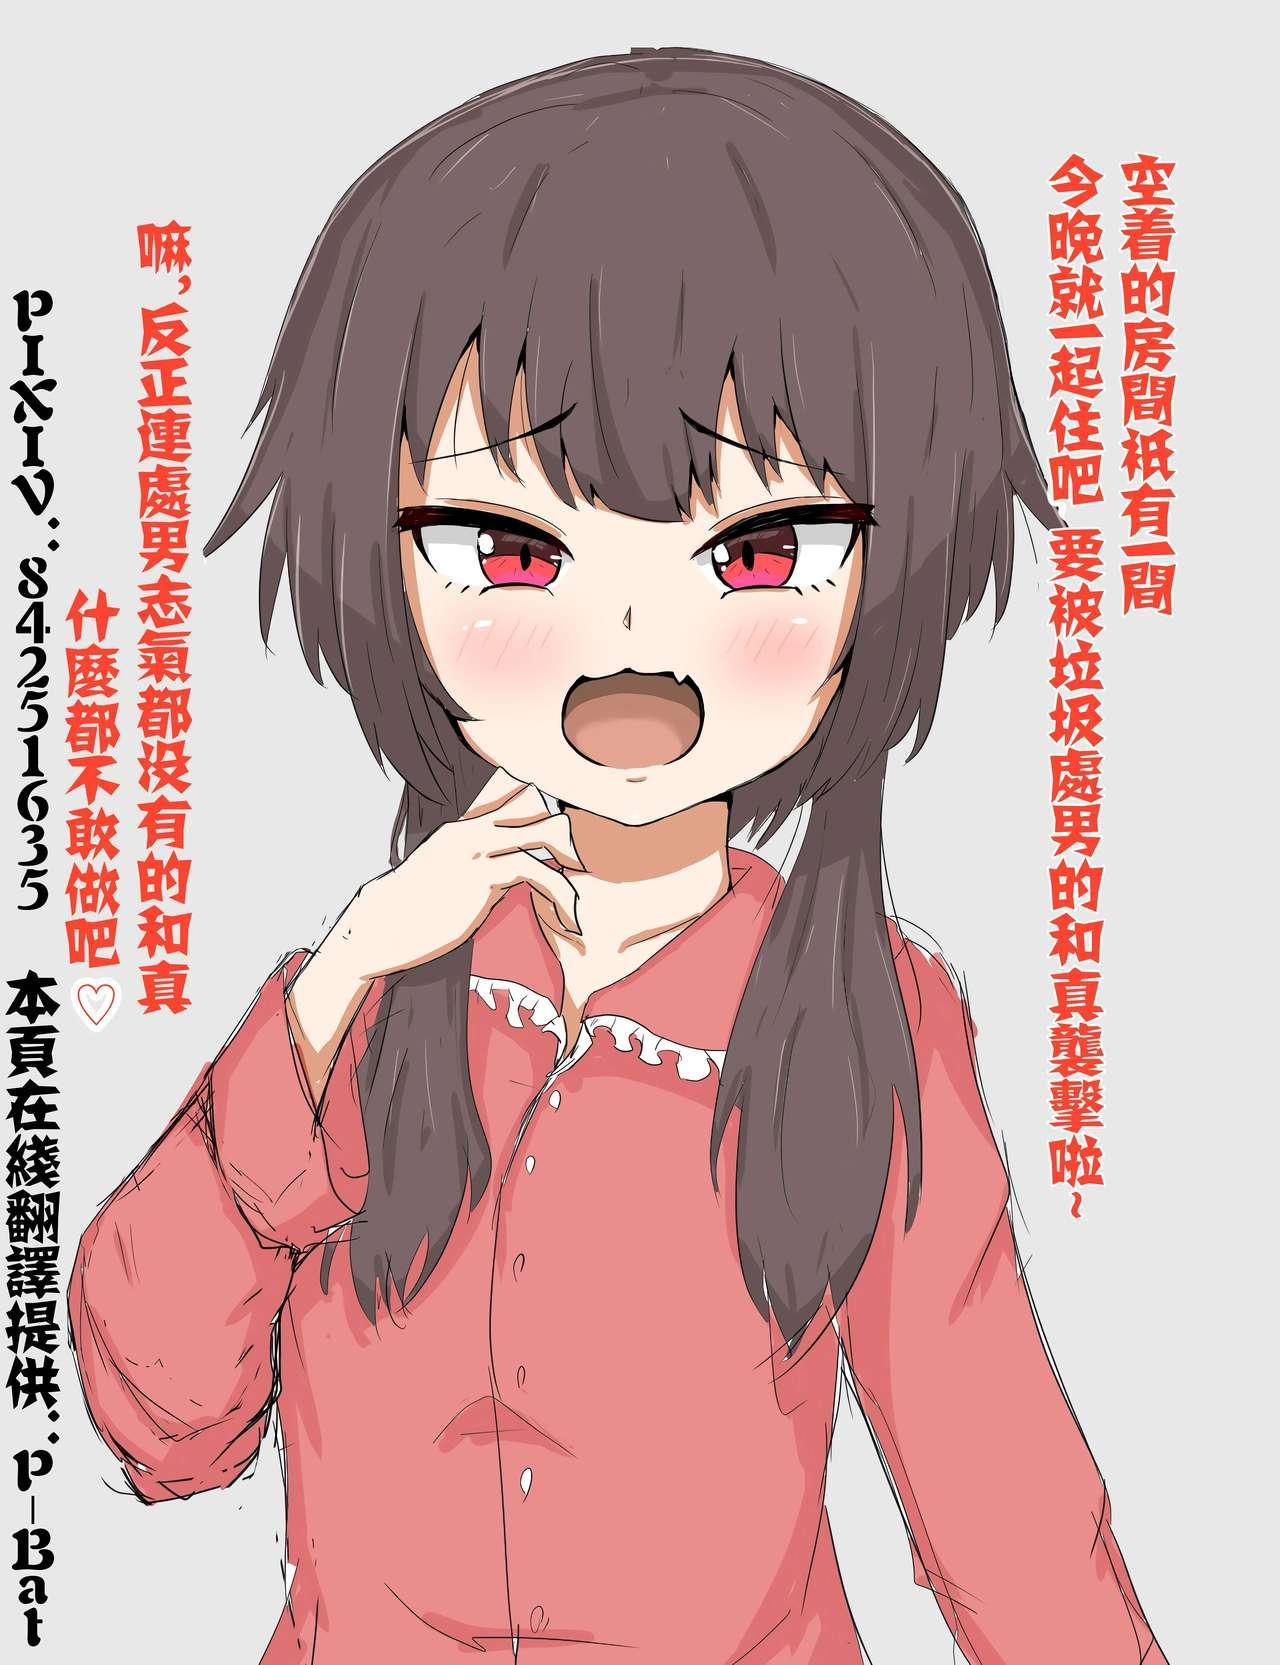 AoHina Yurix 32